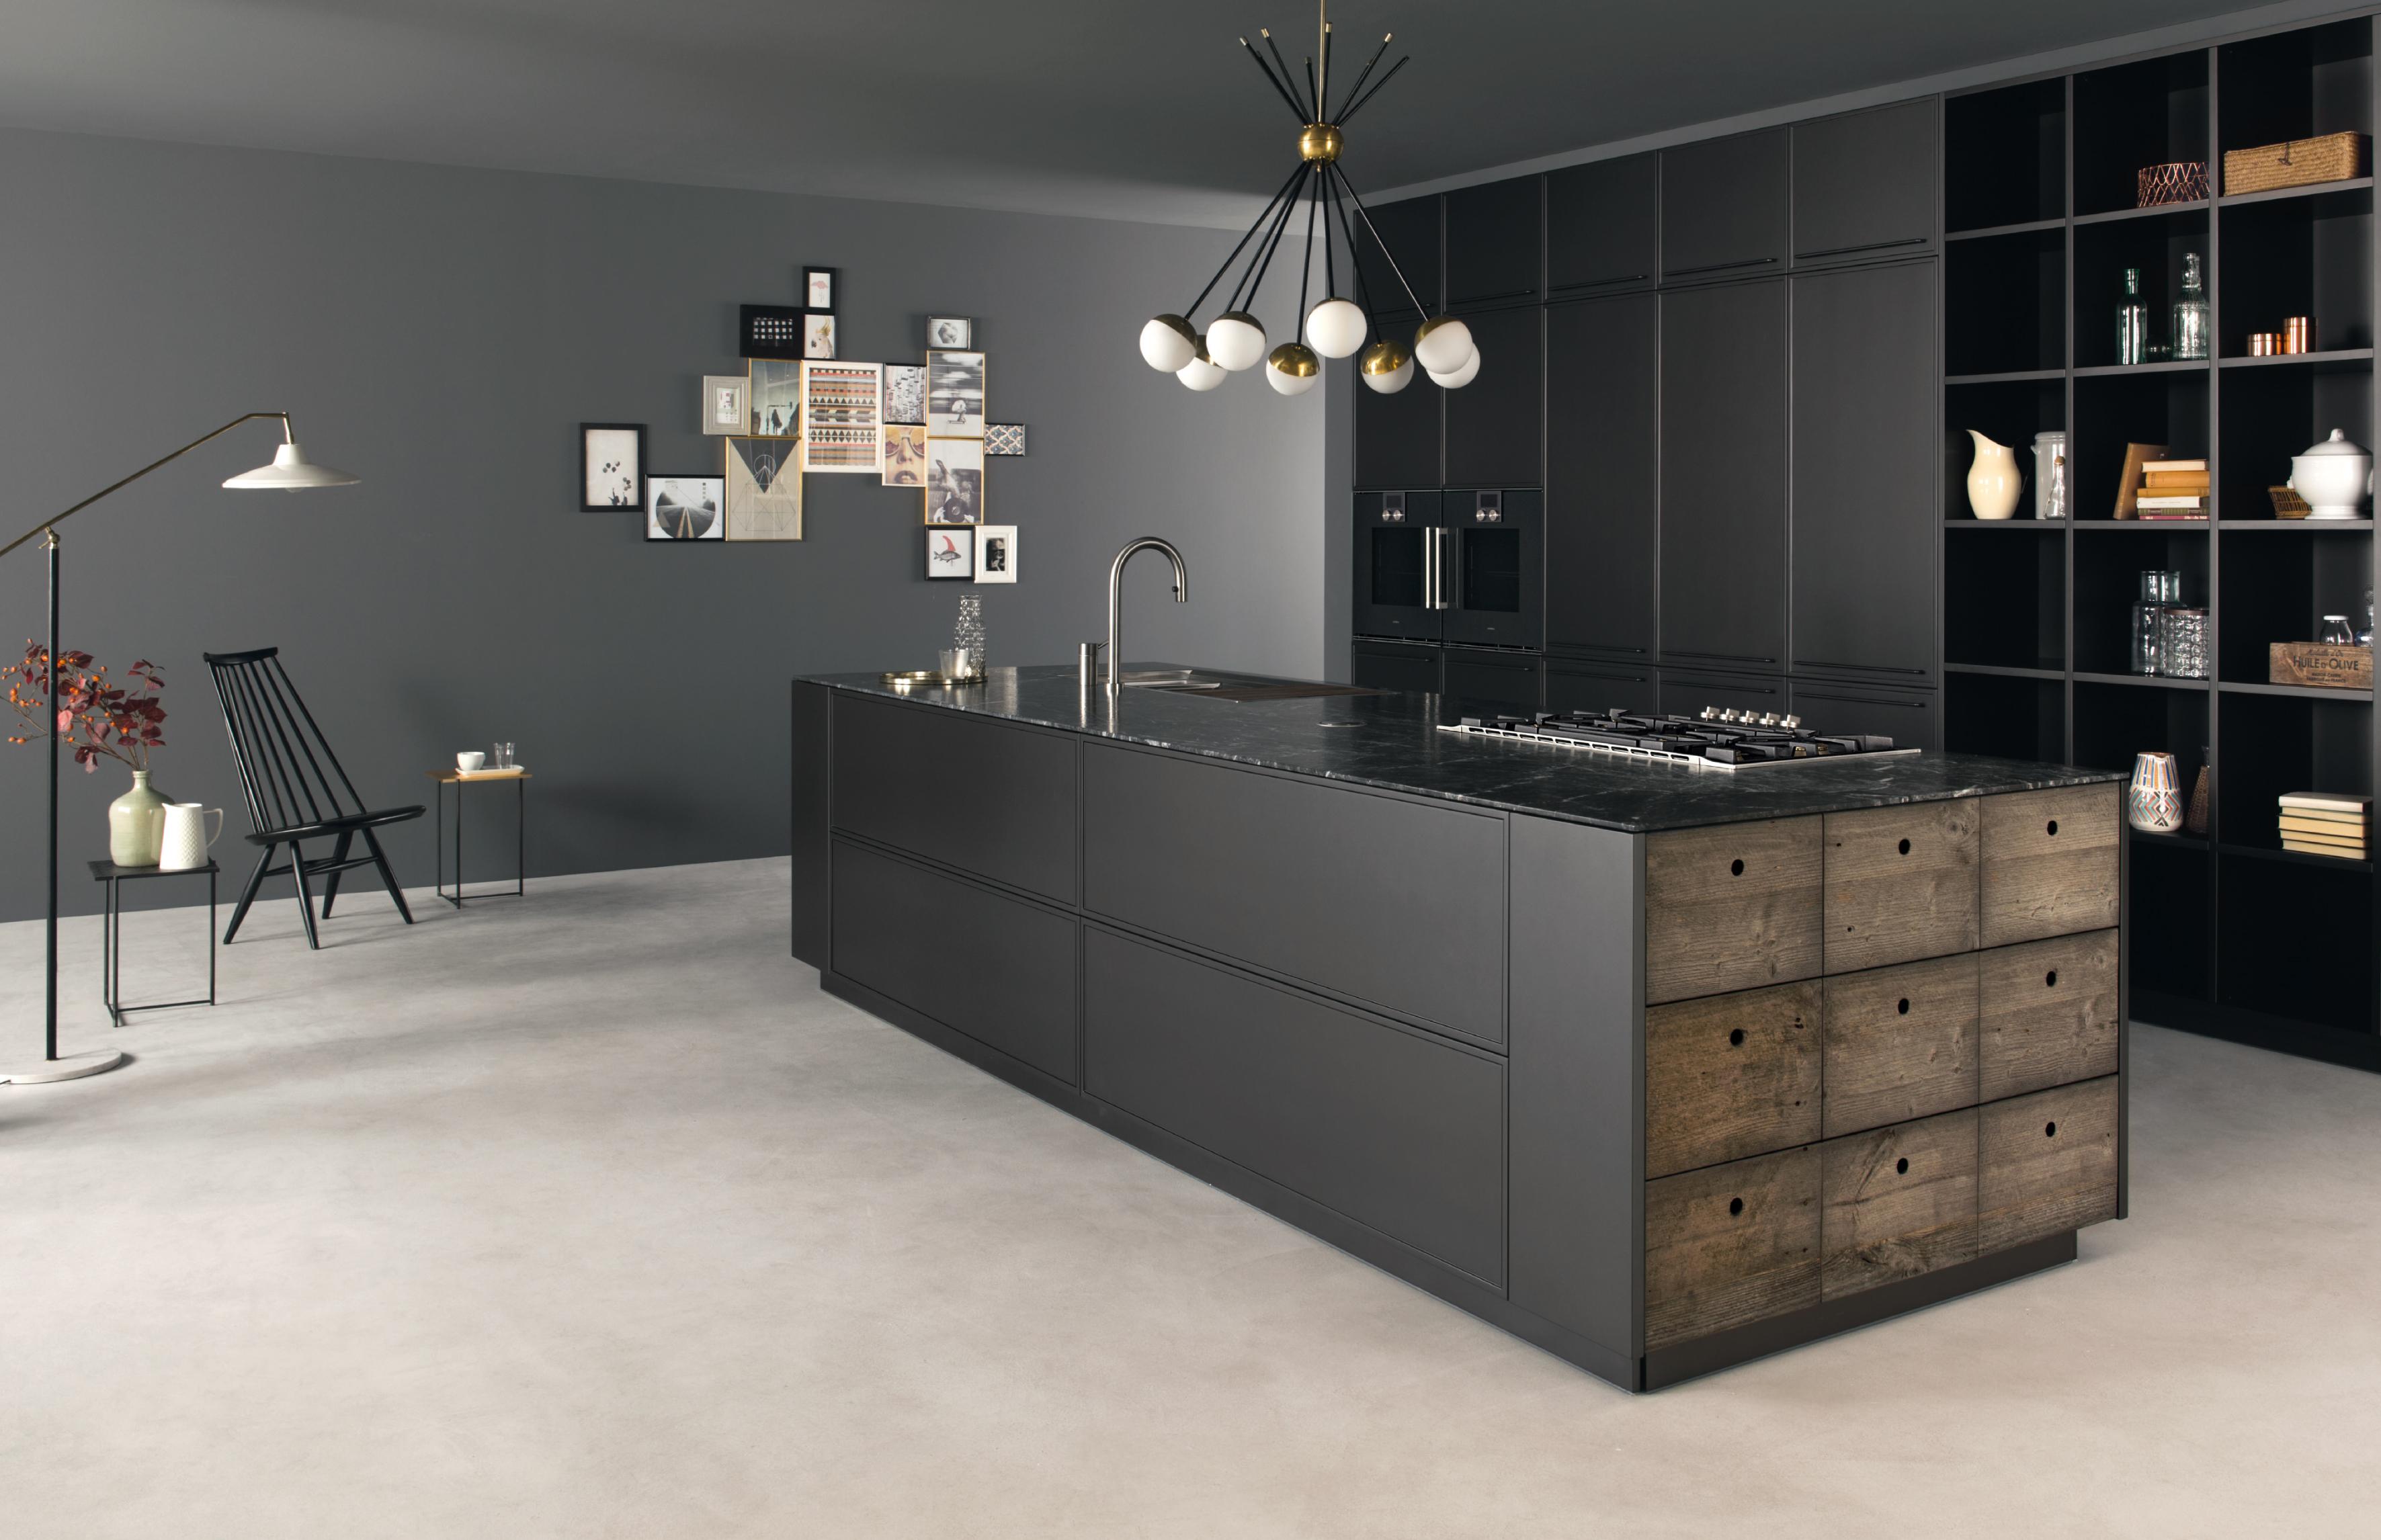 FACTORY Kitchen by Key Cucine  Archello